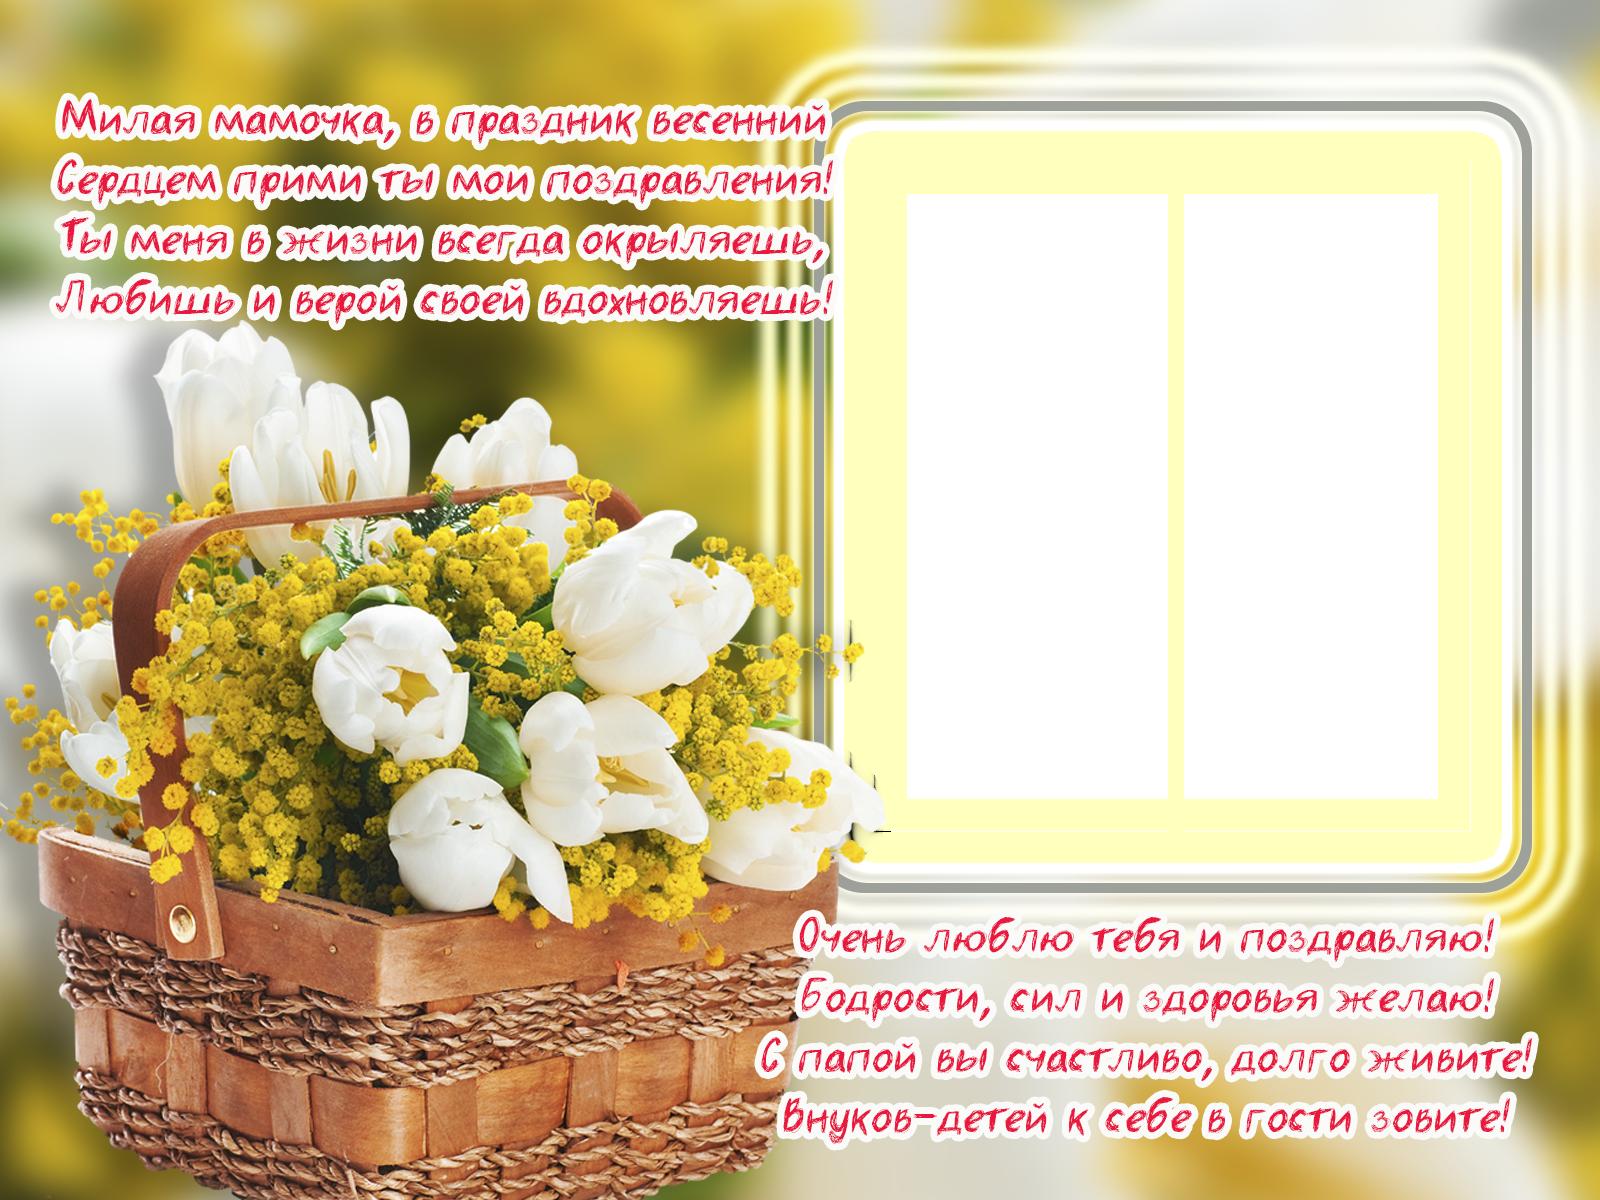 Фоторамка Милой мамочке Фоторамка для фотошопа, PNG шаблон. Милая мамочка, в праздник весенний Сердцем прими мое поздравления!